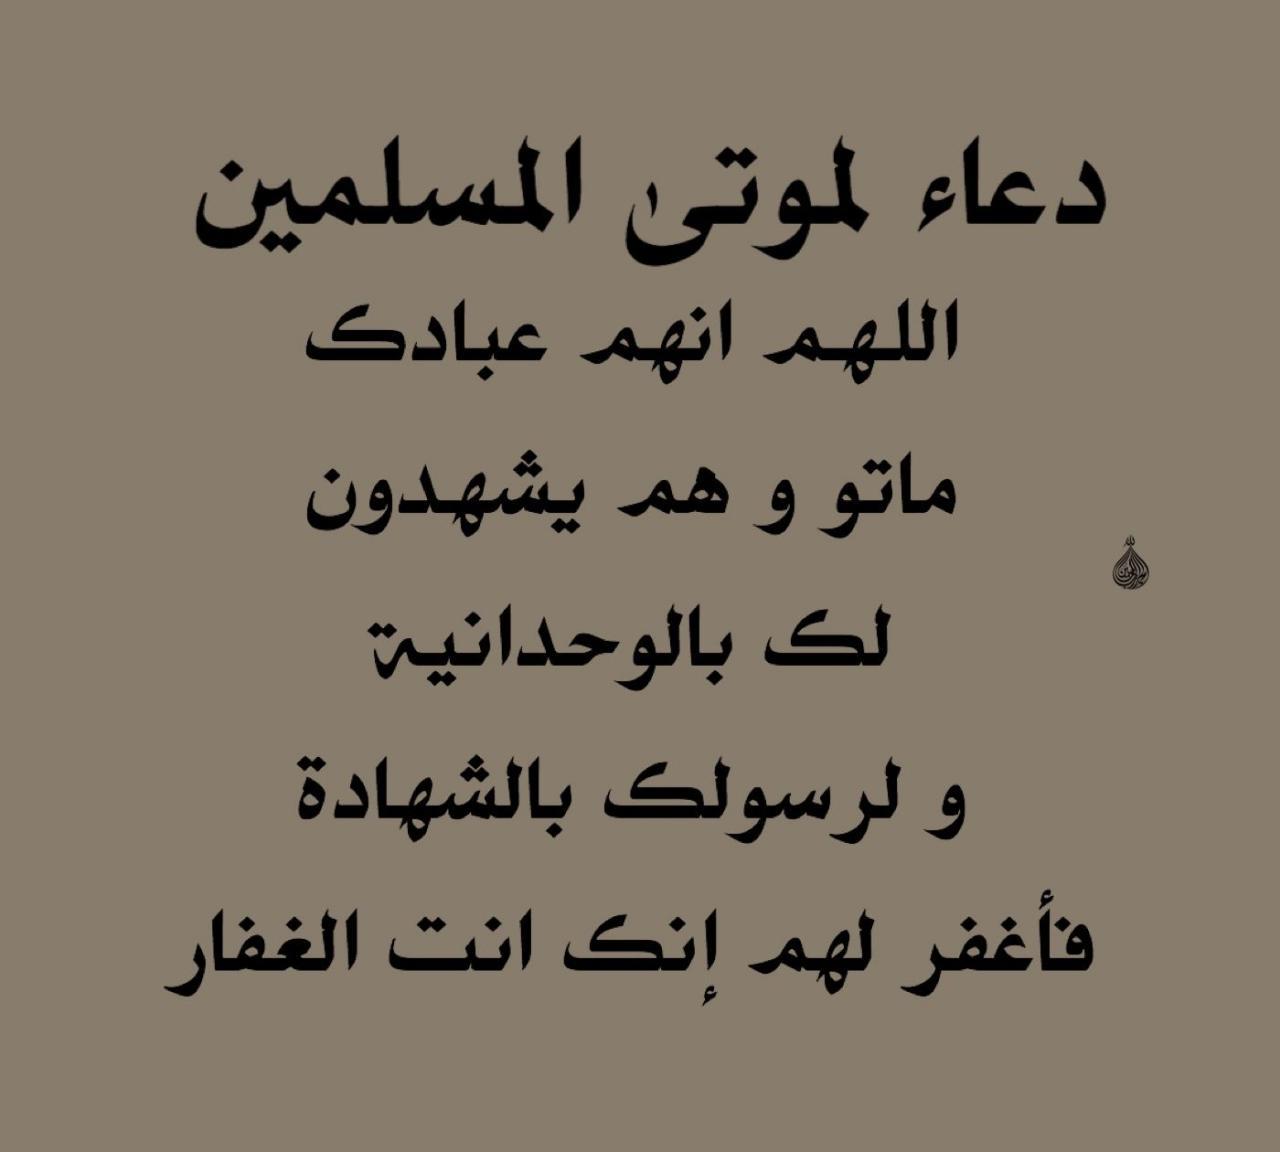 دعاء للمتوفى فى رمضان مقبول ادعية للميت مكتوبة مستجابة 2021